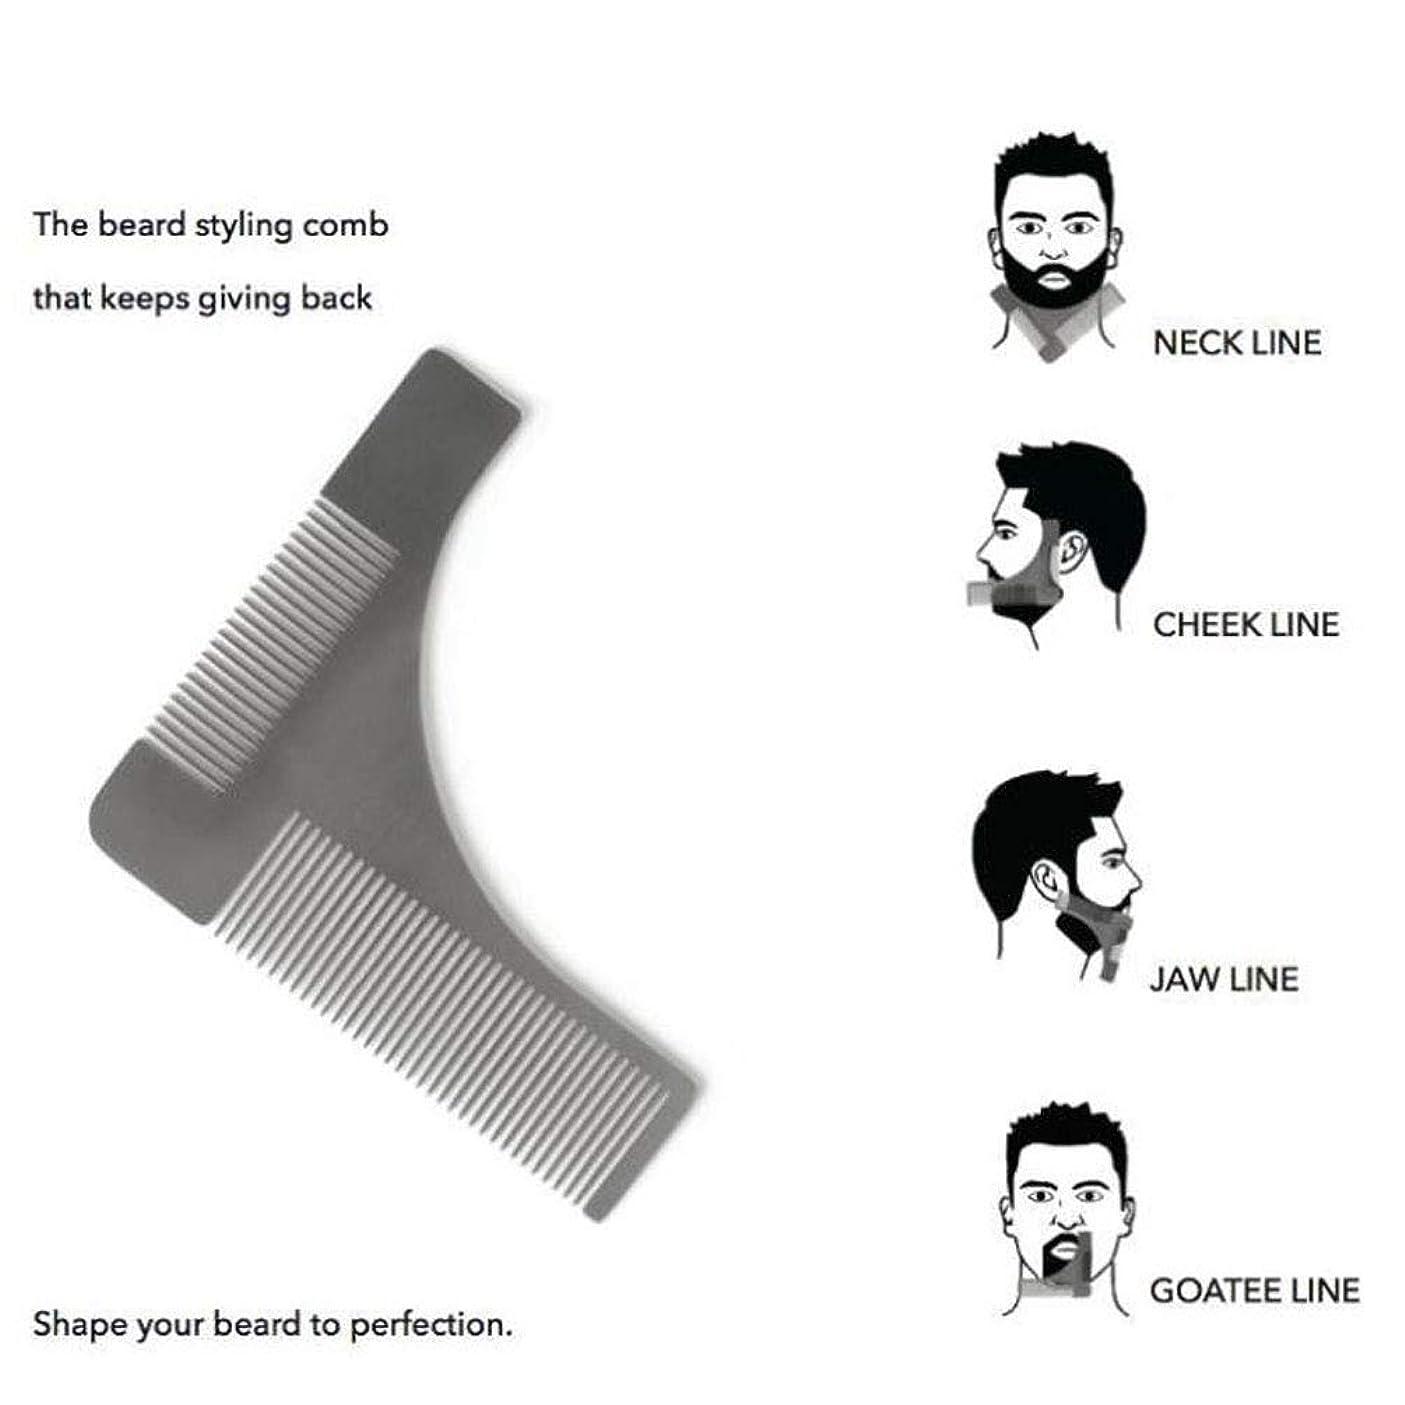 乱れグロー格差ひげを整えるツールテンプレートひげを生やした男性用金属ひげスタイリングくし鋼シリーズステンシルひげ用ひげを生やしたサイドバーントリミング対称線とひげトリマーバリカンでトリム